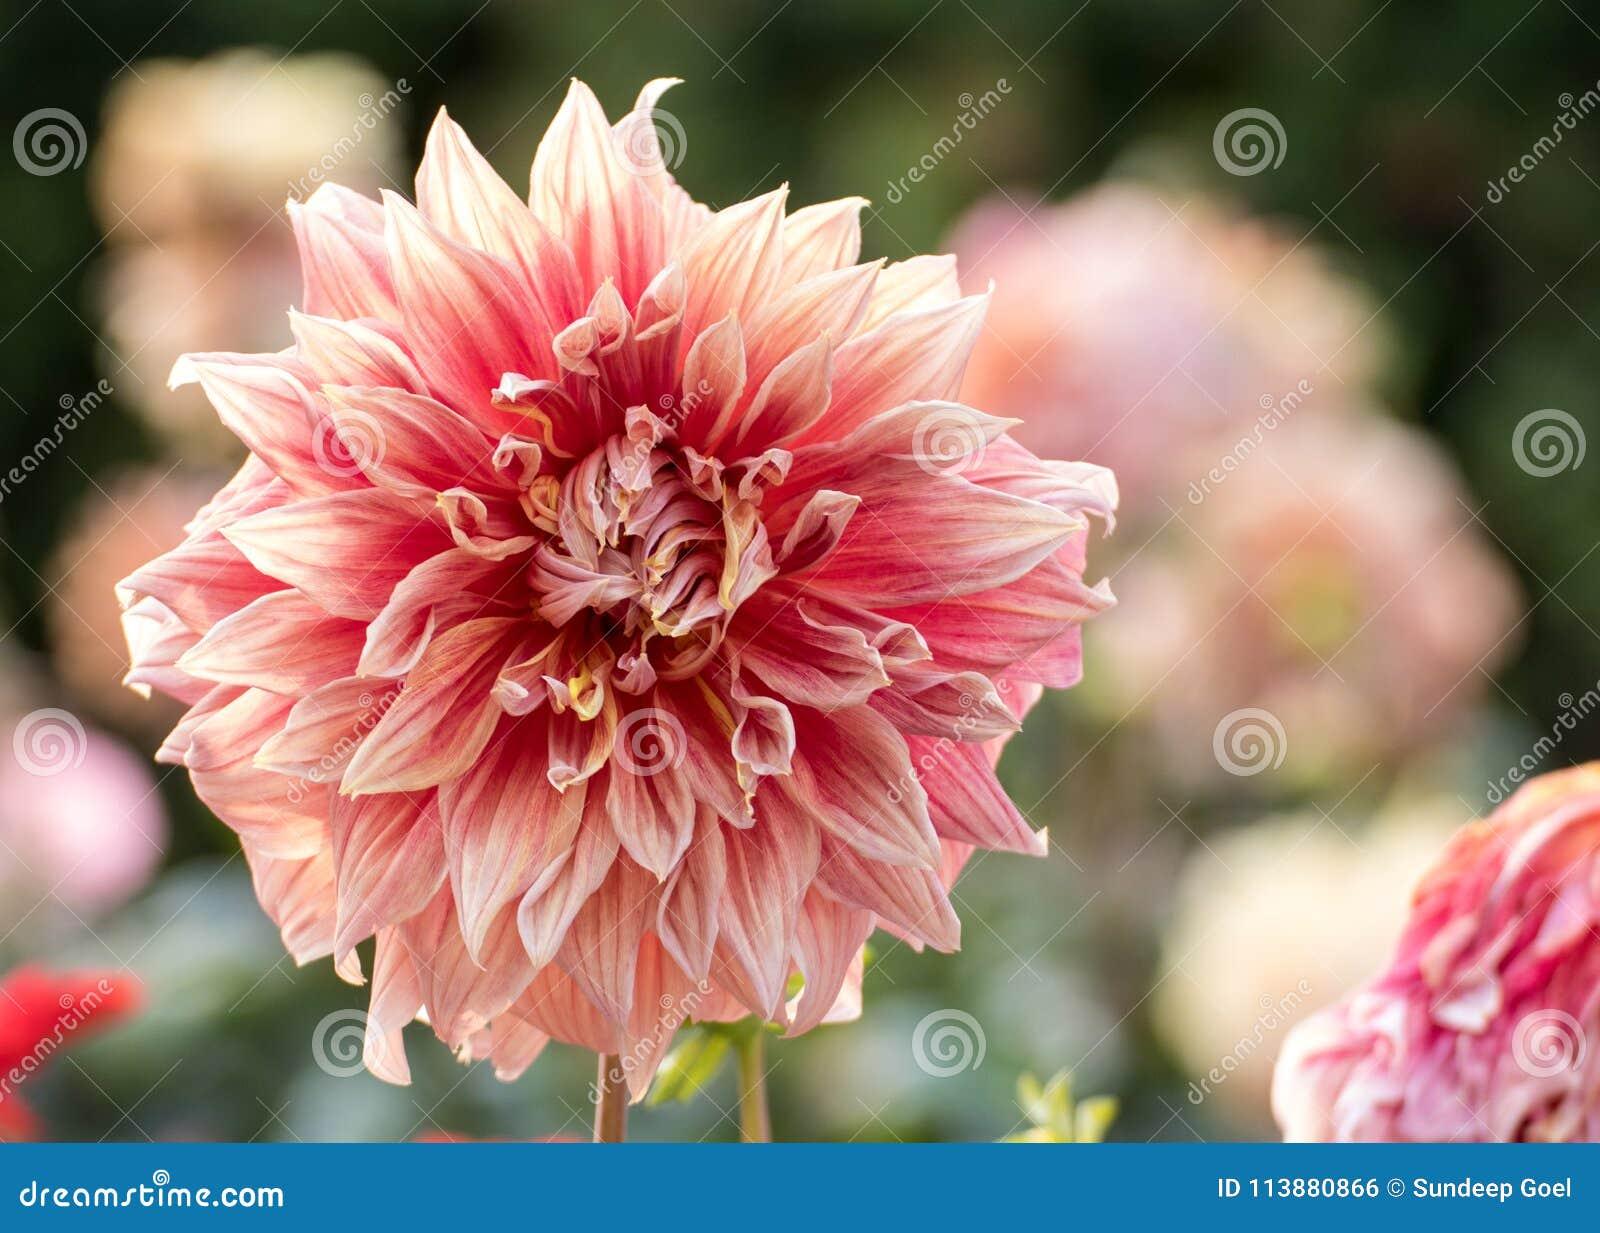 Fleur Rose Blanchatre De Dahlia Photo Stock Image Du Dalia